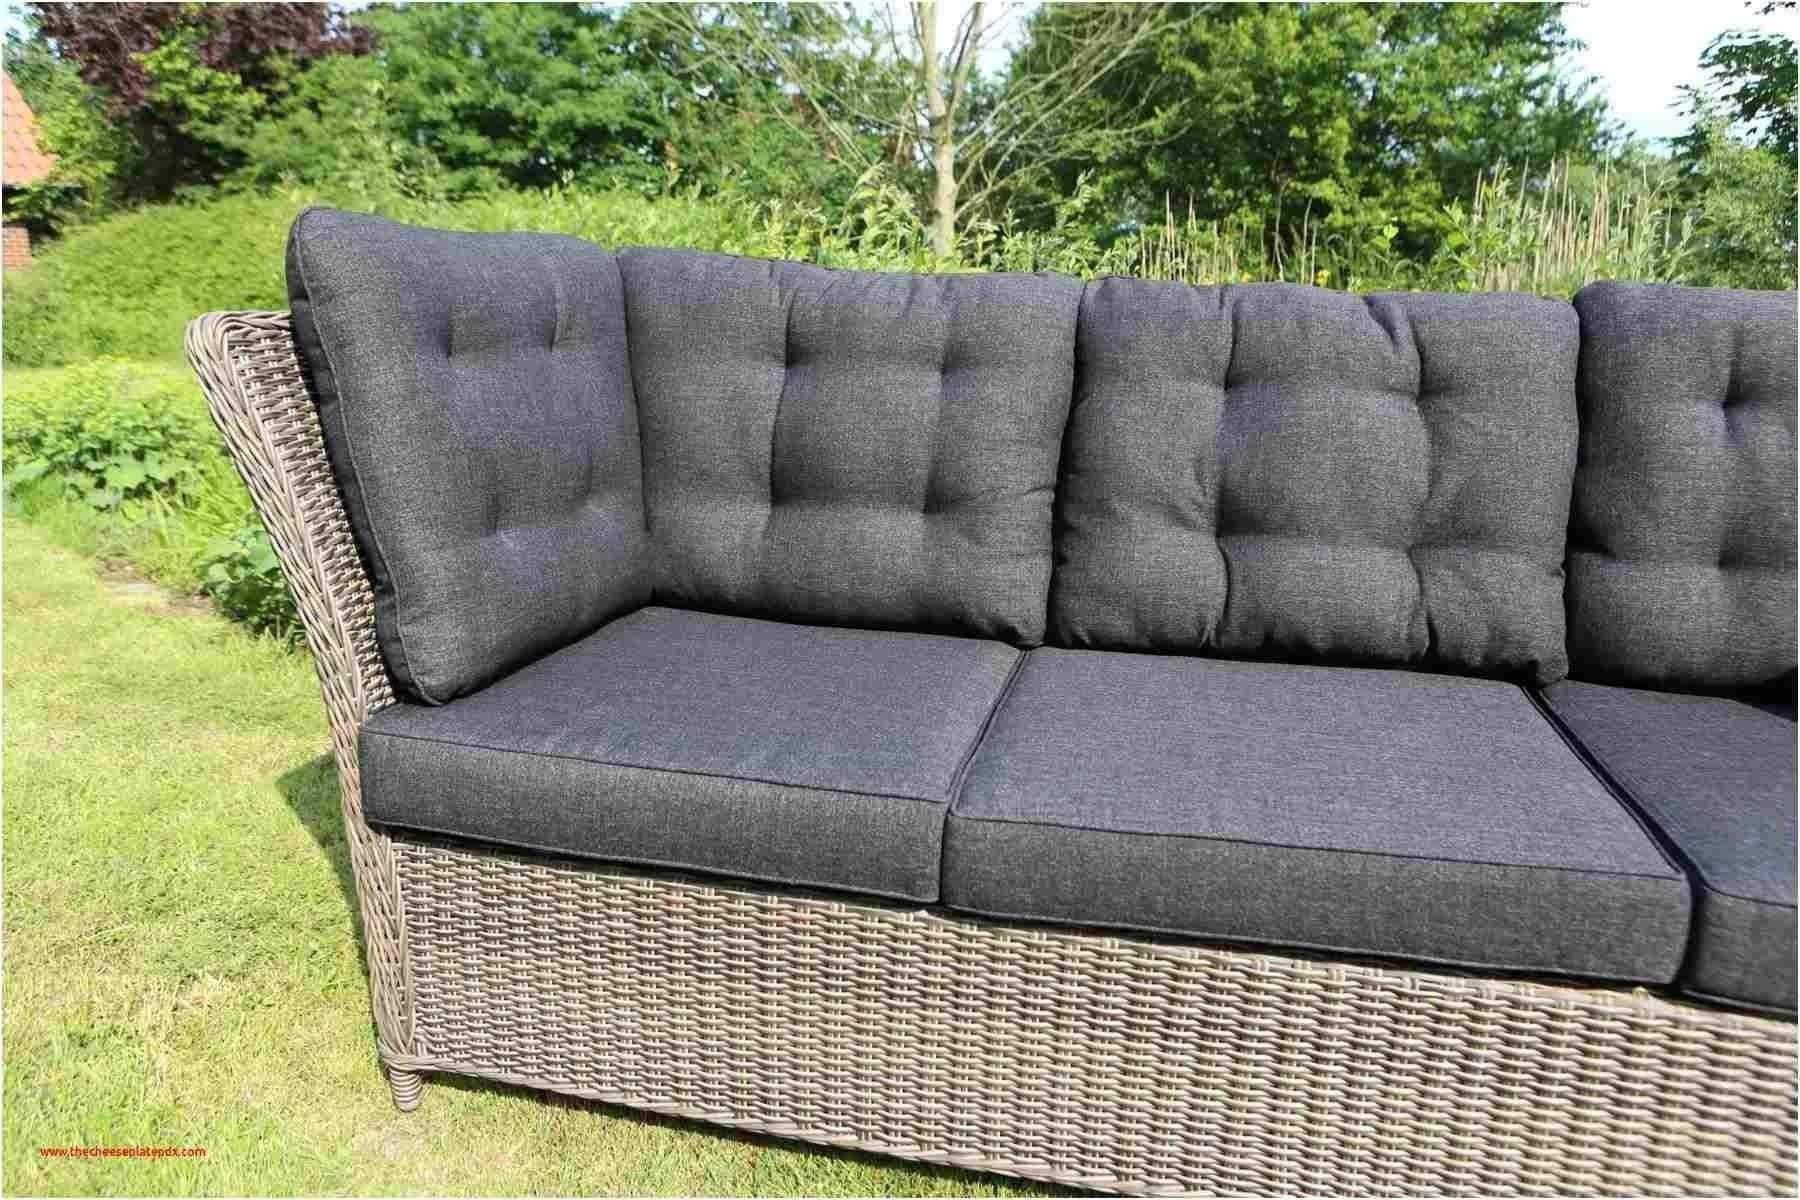 couch garten schon elegant wohnzimmermobel couch konzept of couch garten